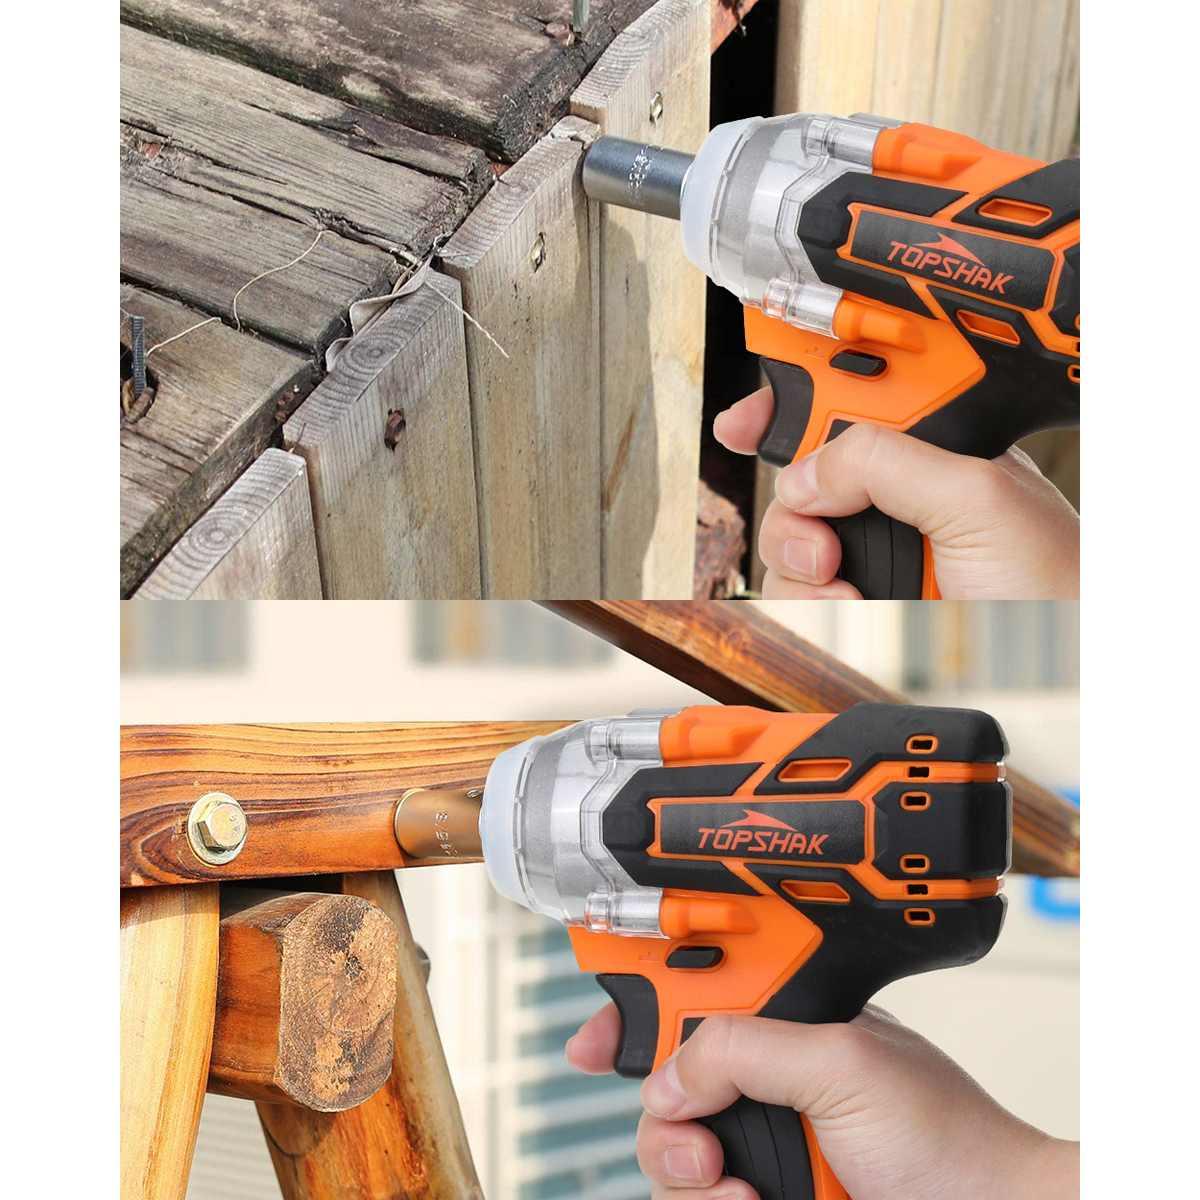 da madeira da chave de impacto elétrica